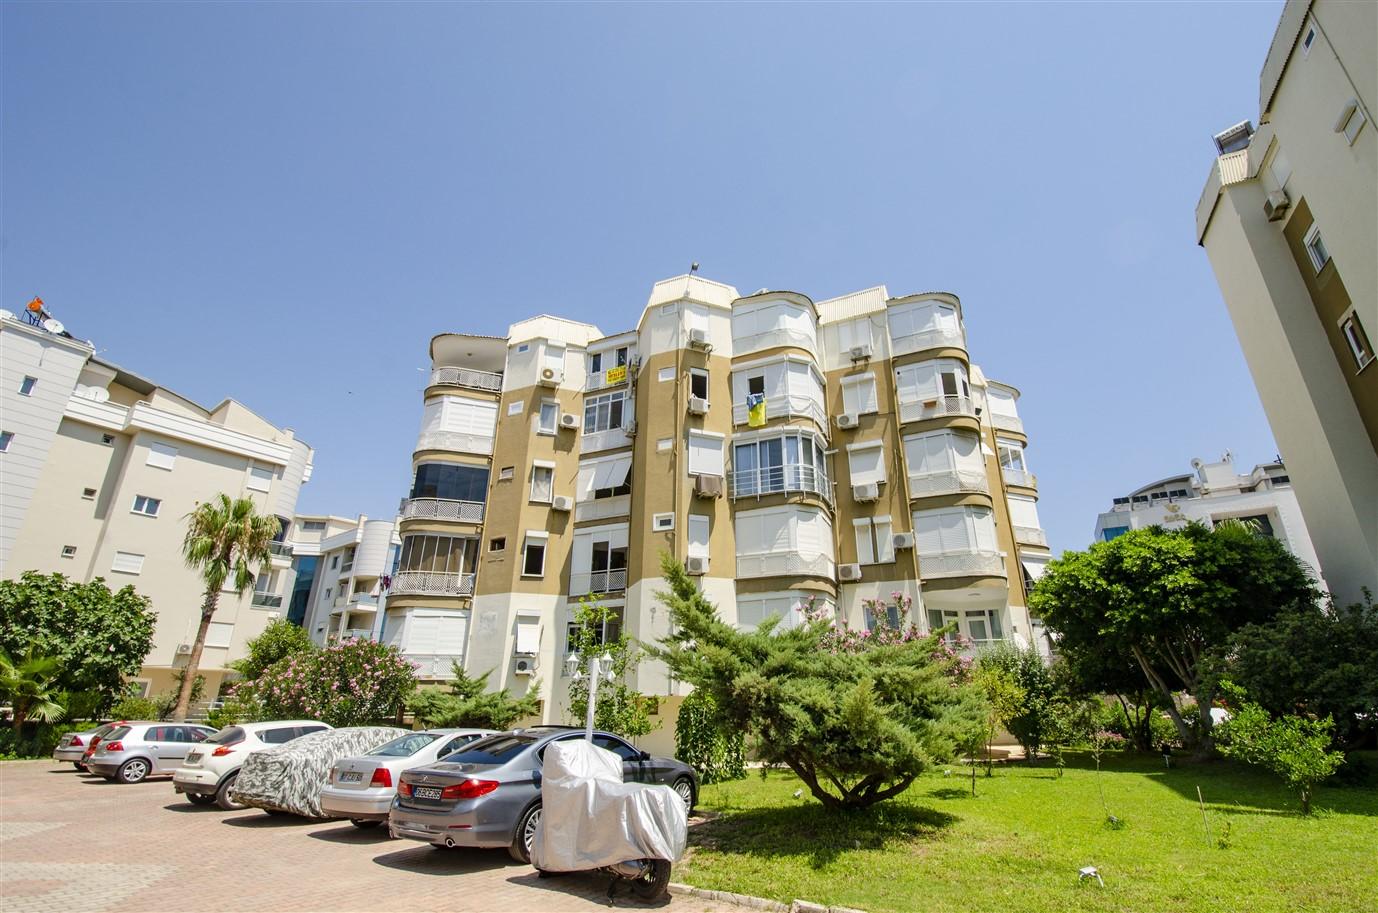 Квартира 1+1 с мебелью в районе Лиман Коньяалты Анталия - Фото 2